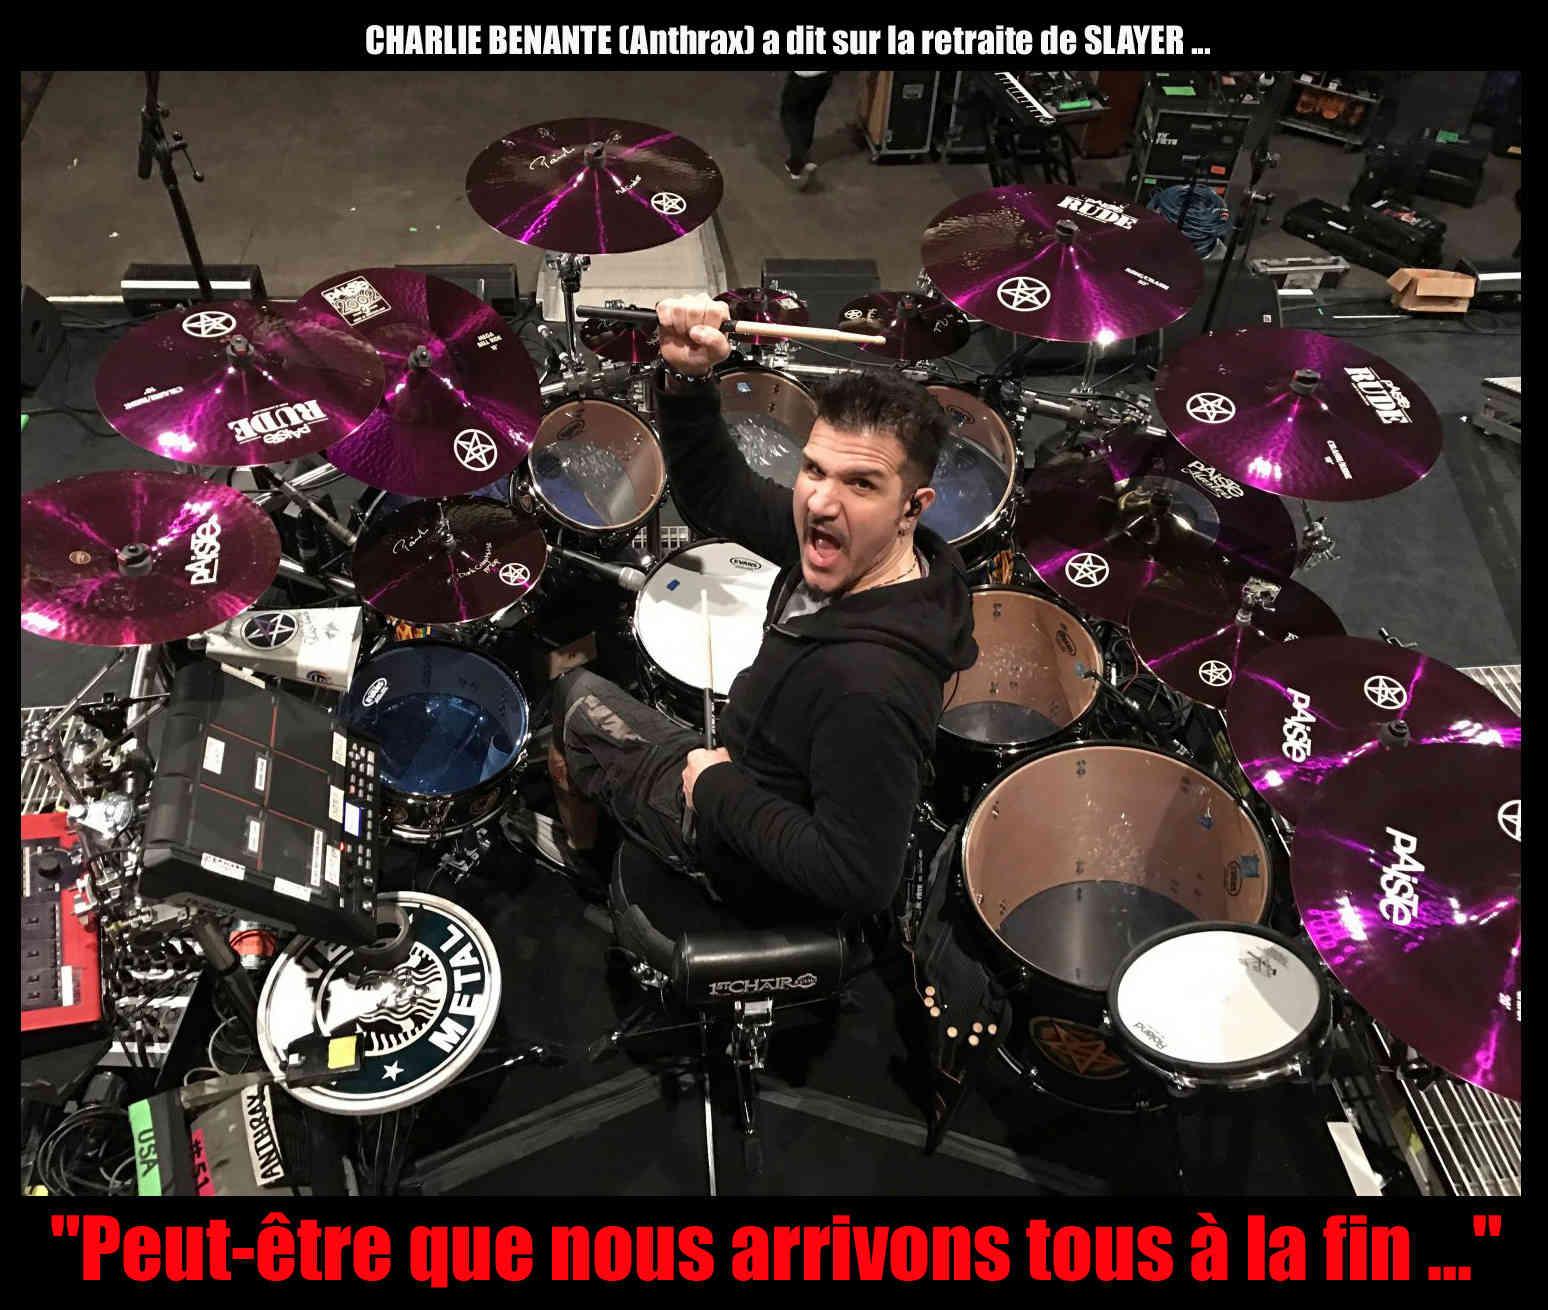 CHARLIE BENANTE (Batteur d'Anthrax) a dit ... sur la future retraite de SLAYER. Sans_t56